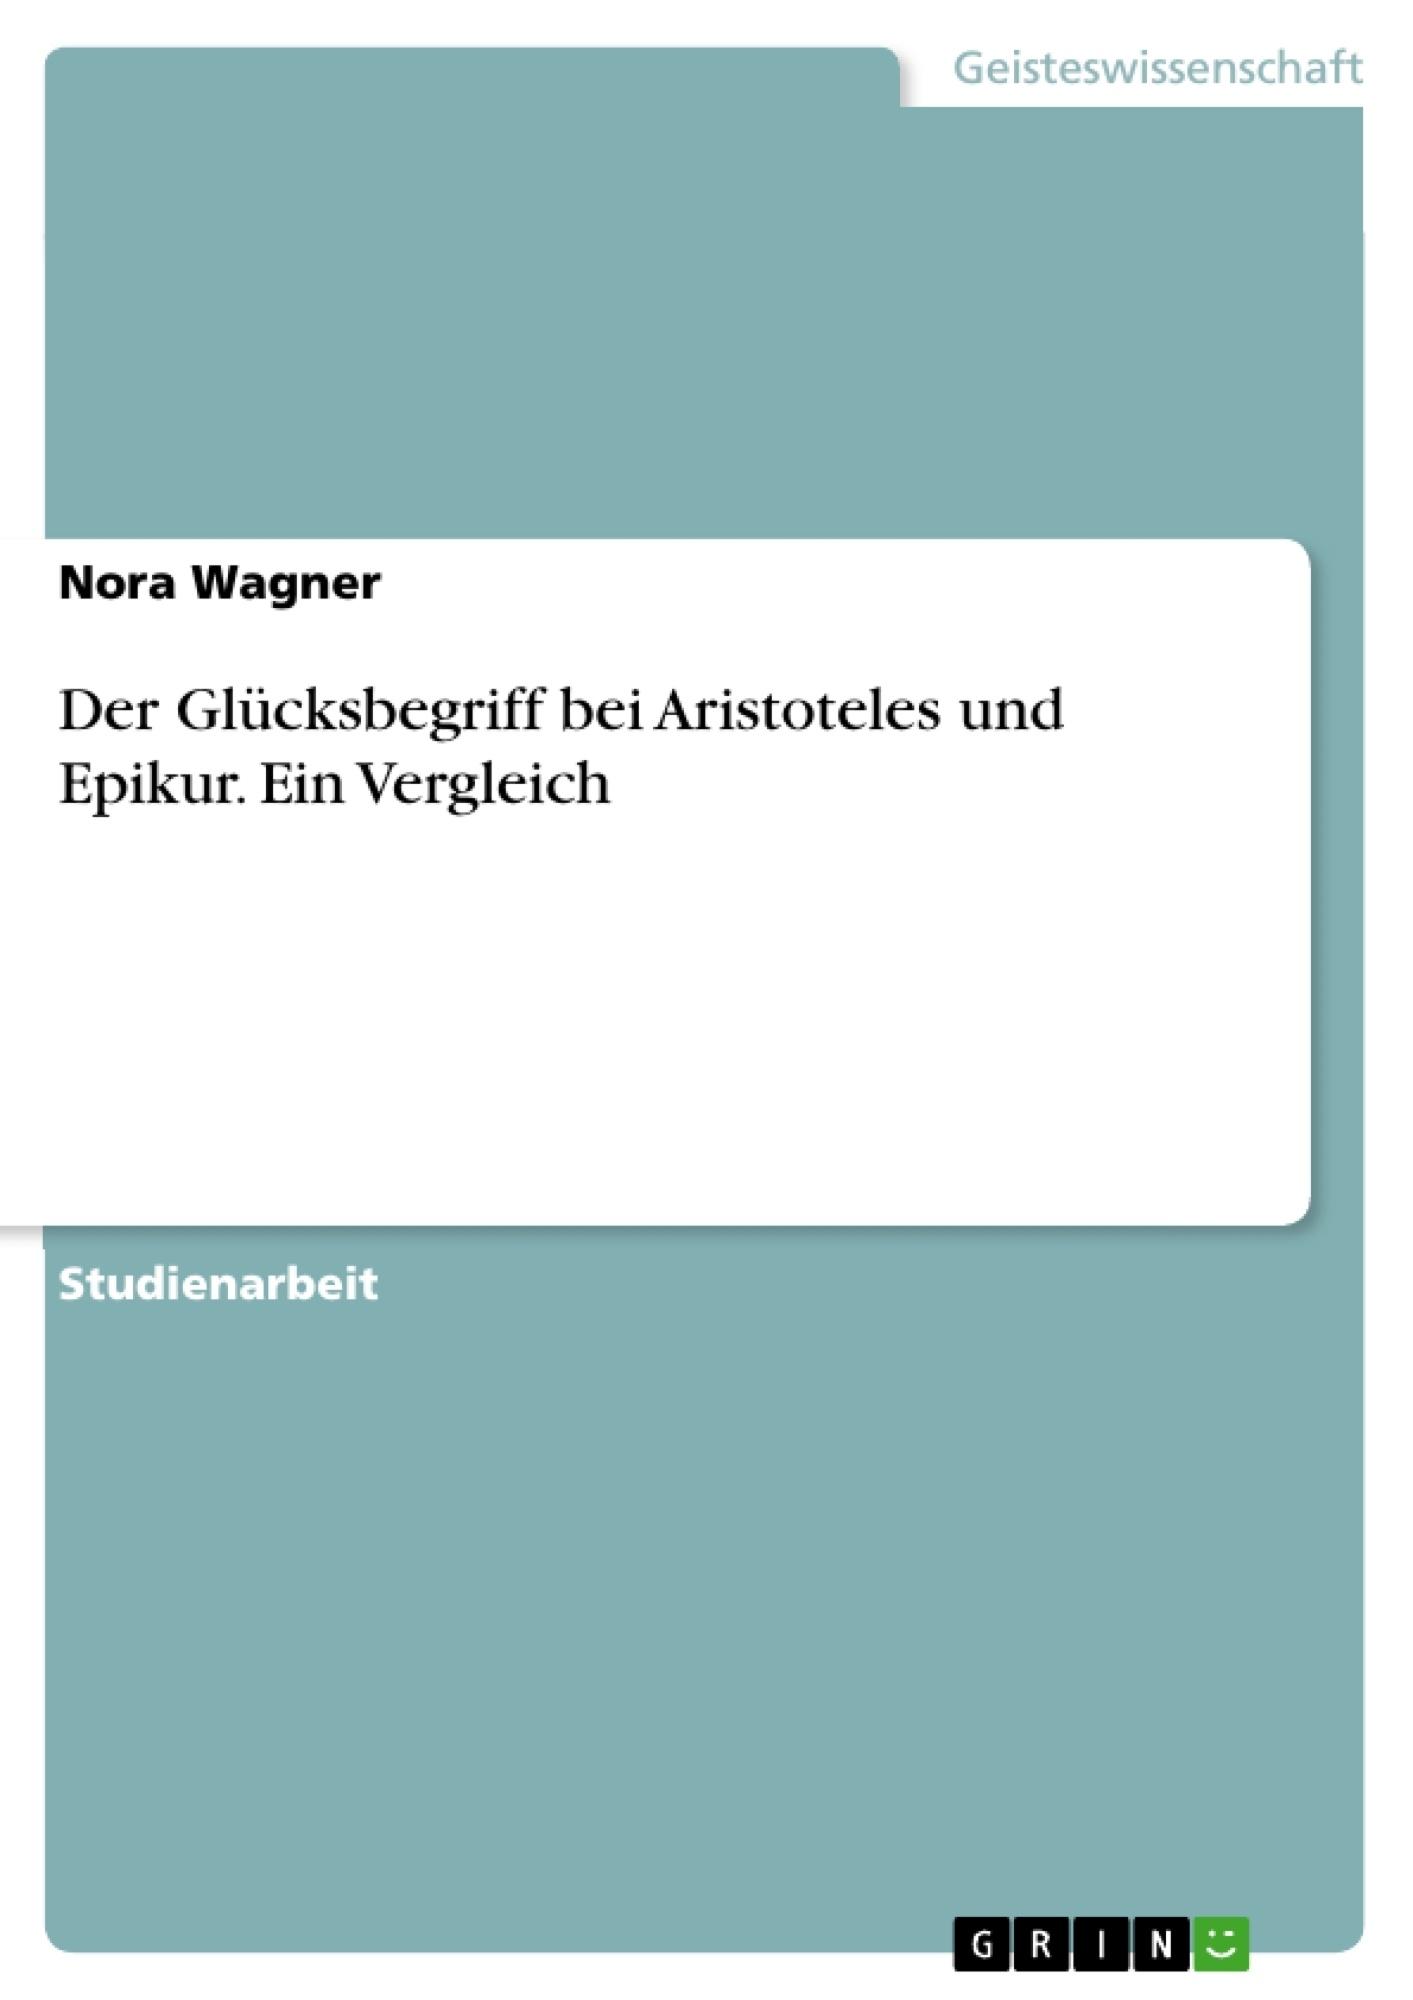 Titel: Der Glücksbegriff bei Aristoteles und Epikur. Ein Vergleich